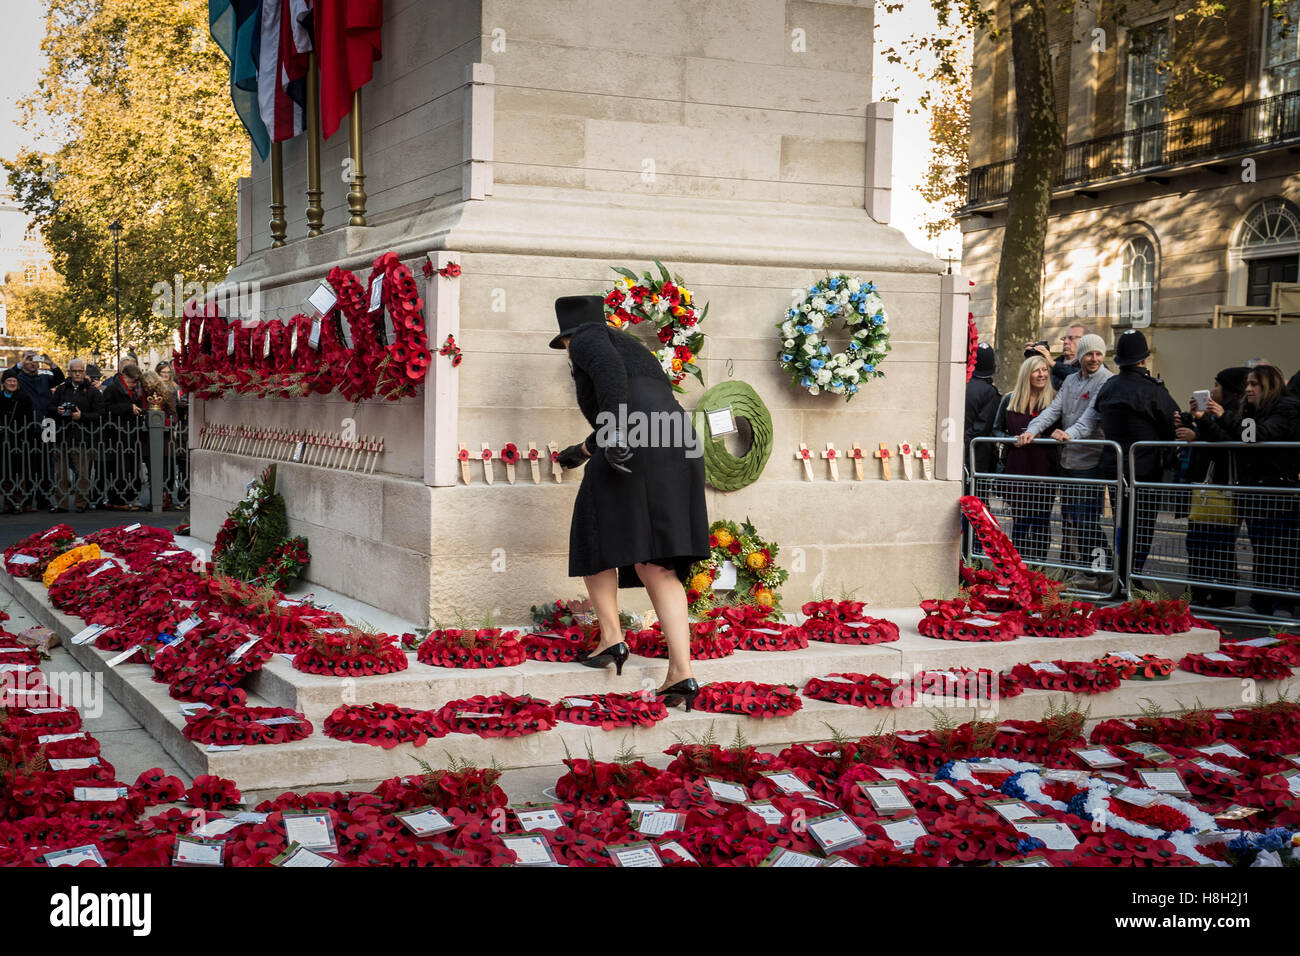 Londres, Reino Unido. 13 de noviembre de 2016. Día del Recuerdo amapola ofrendas florales en el cenotafio de Imagen De Stock